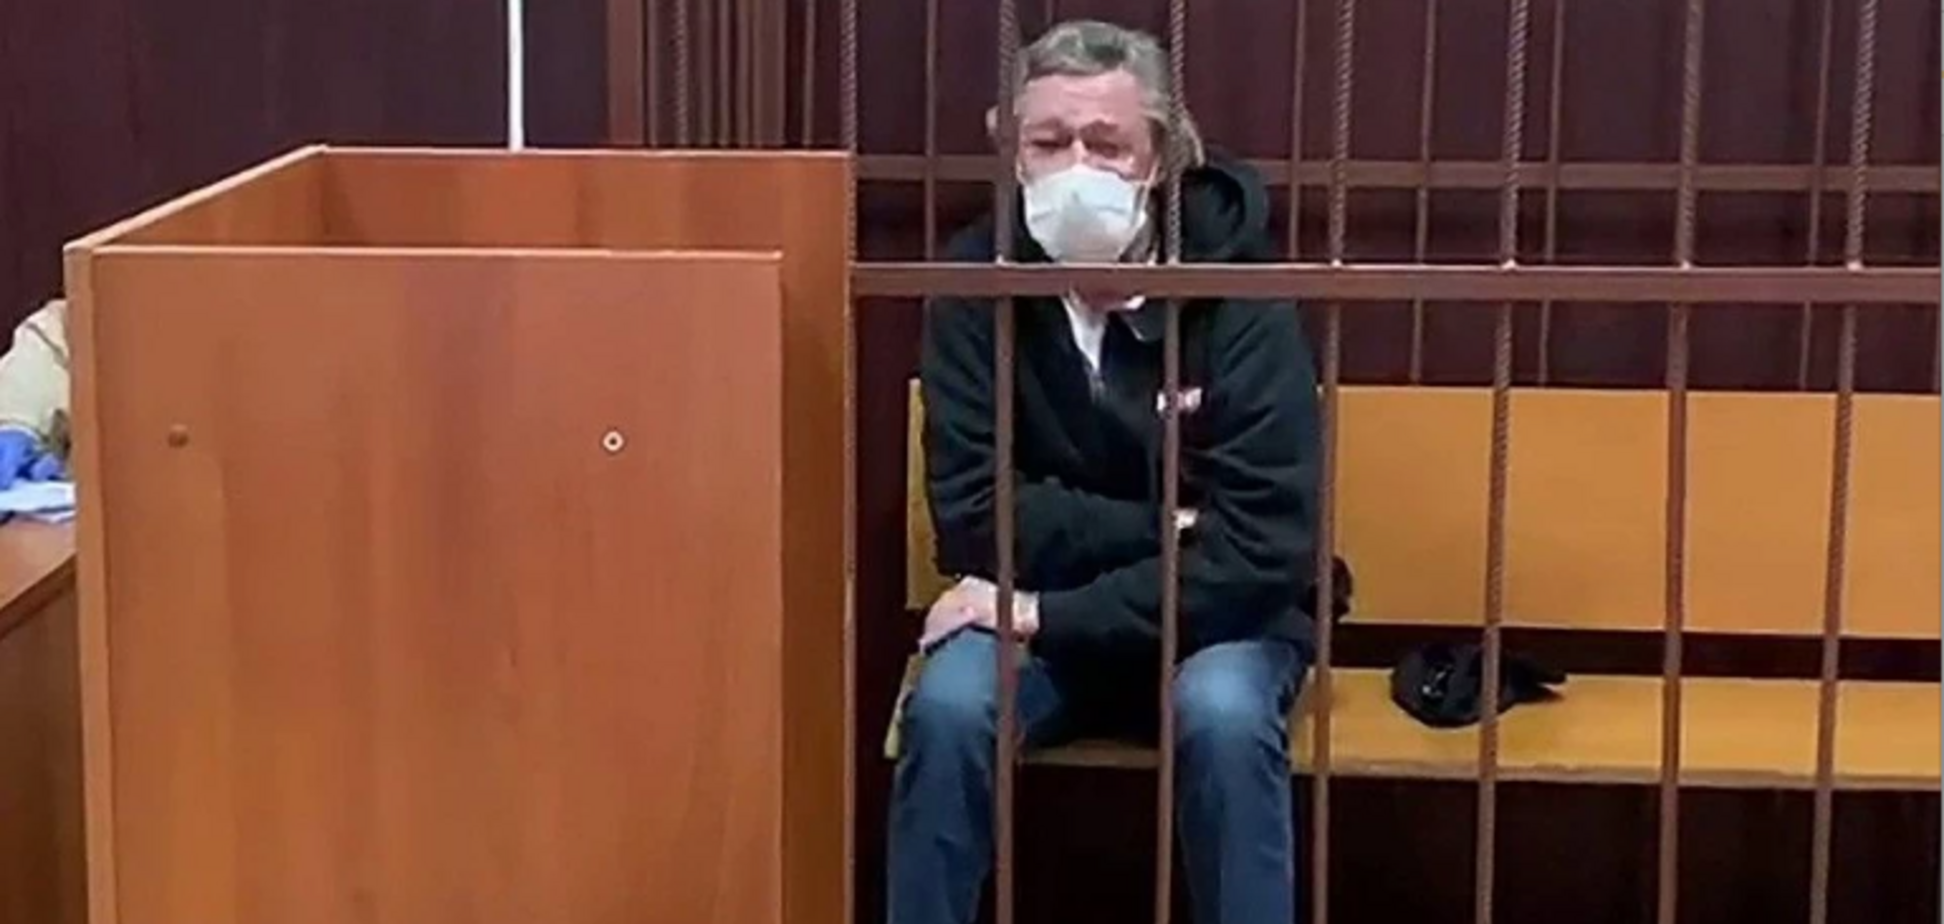 Єфремова відправили під домашній арешт після смертельної ДТП